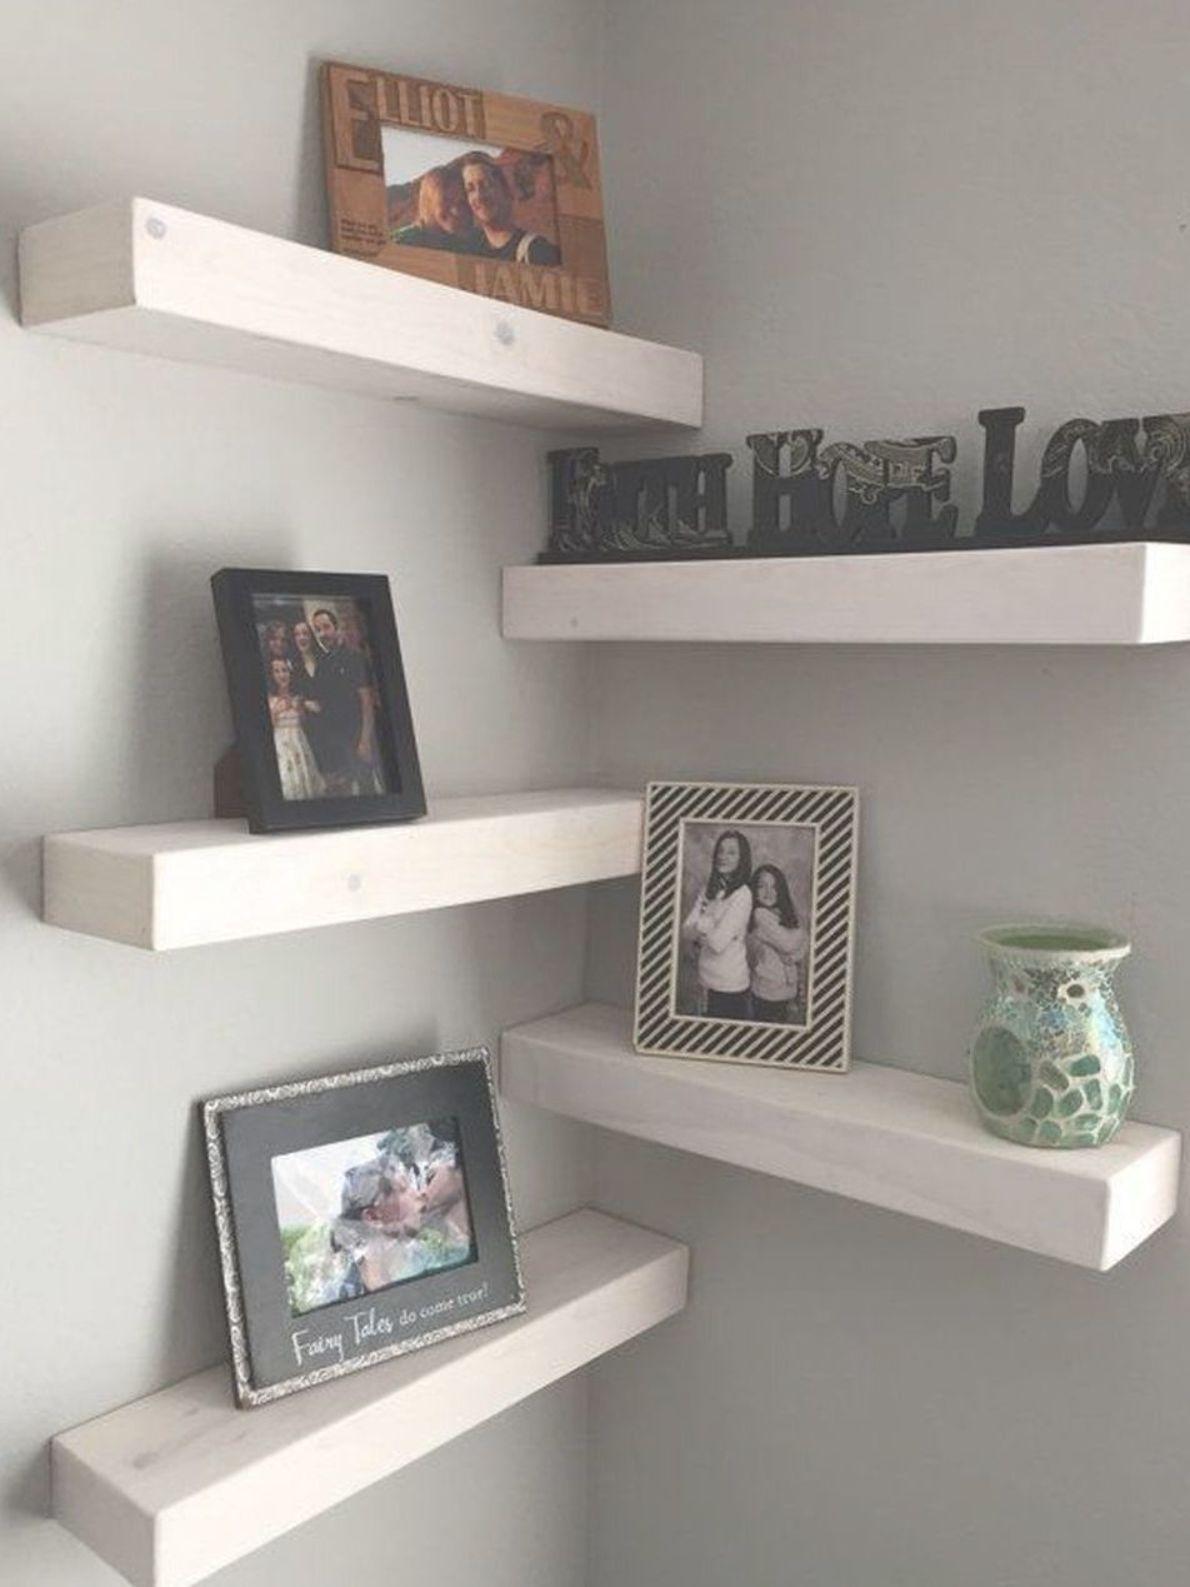 37 Captivating Diy Floating Shelves Living Room Decorating Ideas Decoracion De Esquina Decoracion De Estante Estante De Madera Flotante